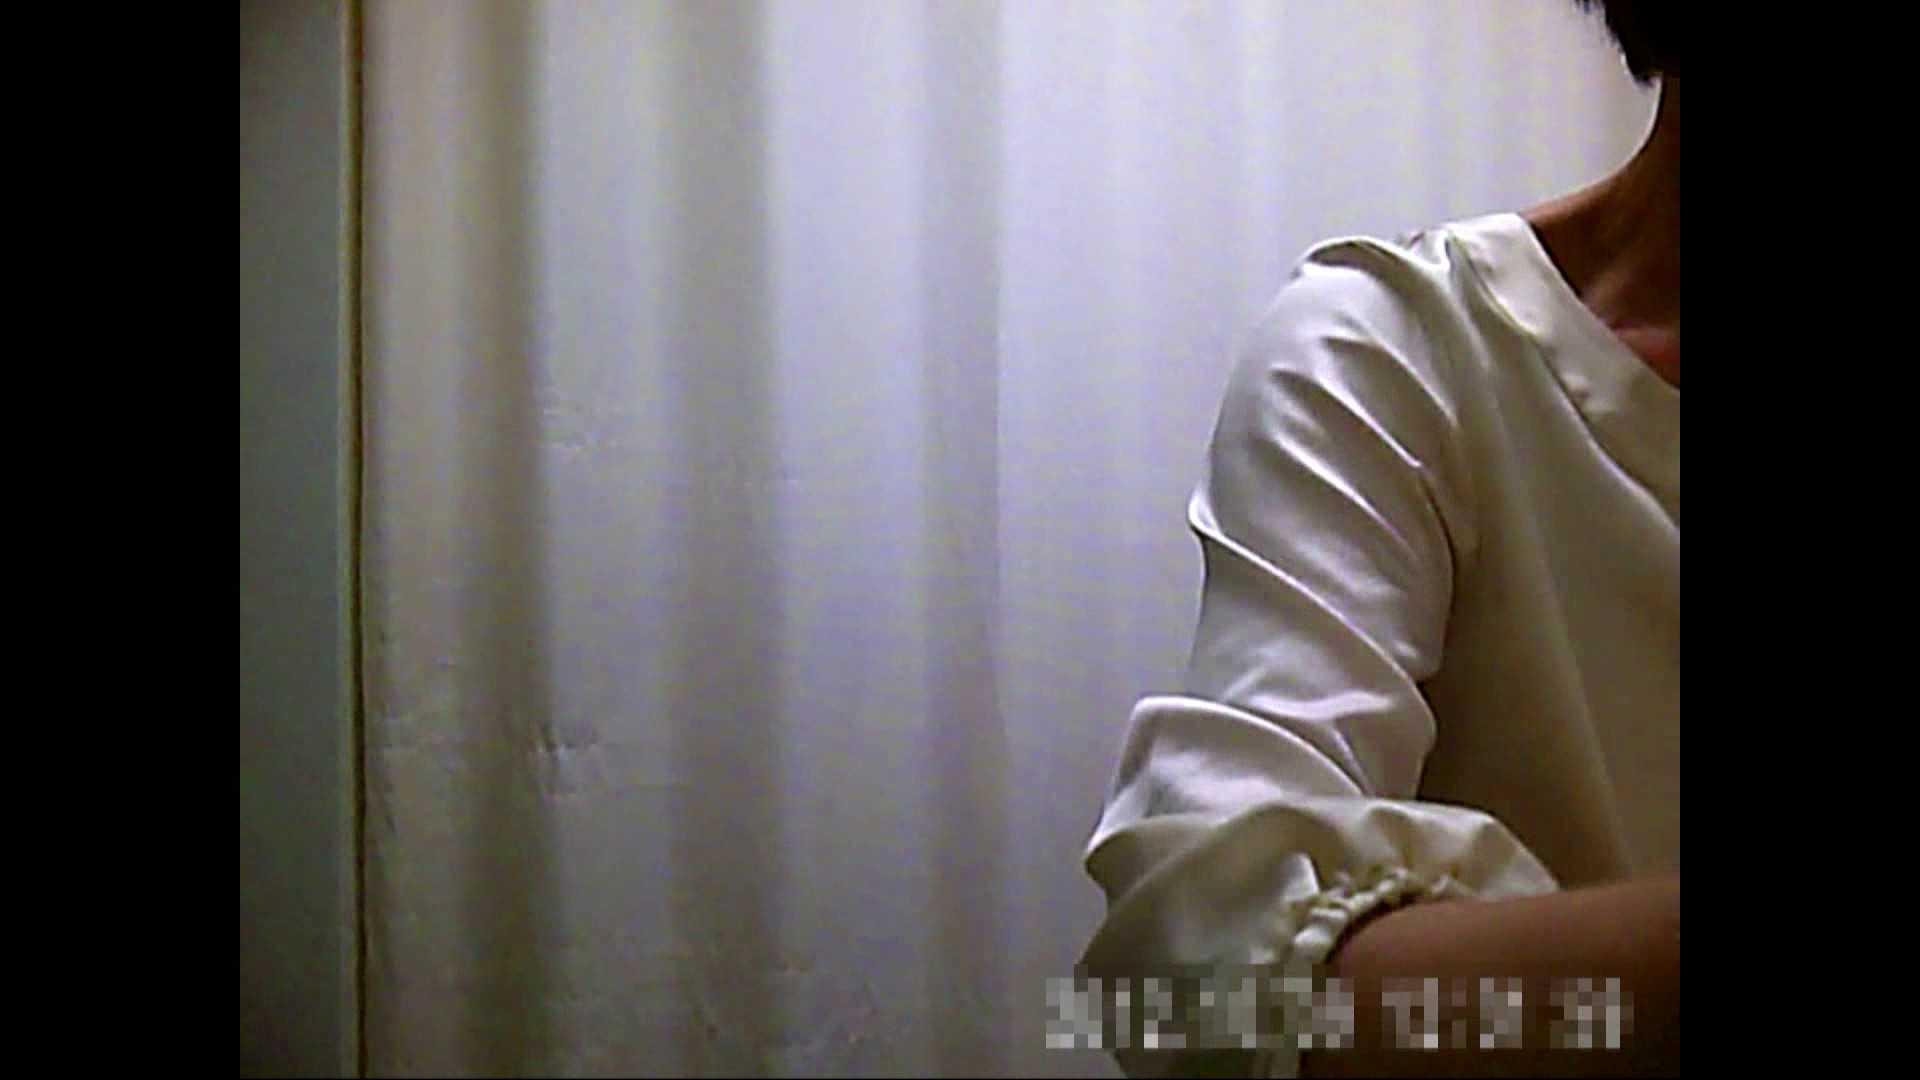 病院おもいっきり着替え! vol.230 盗撮師作品 オマンコ動画キャプチャ 105pic 24